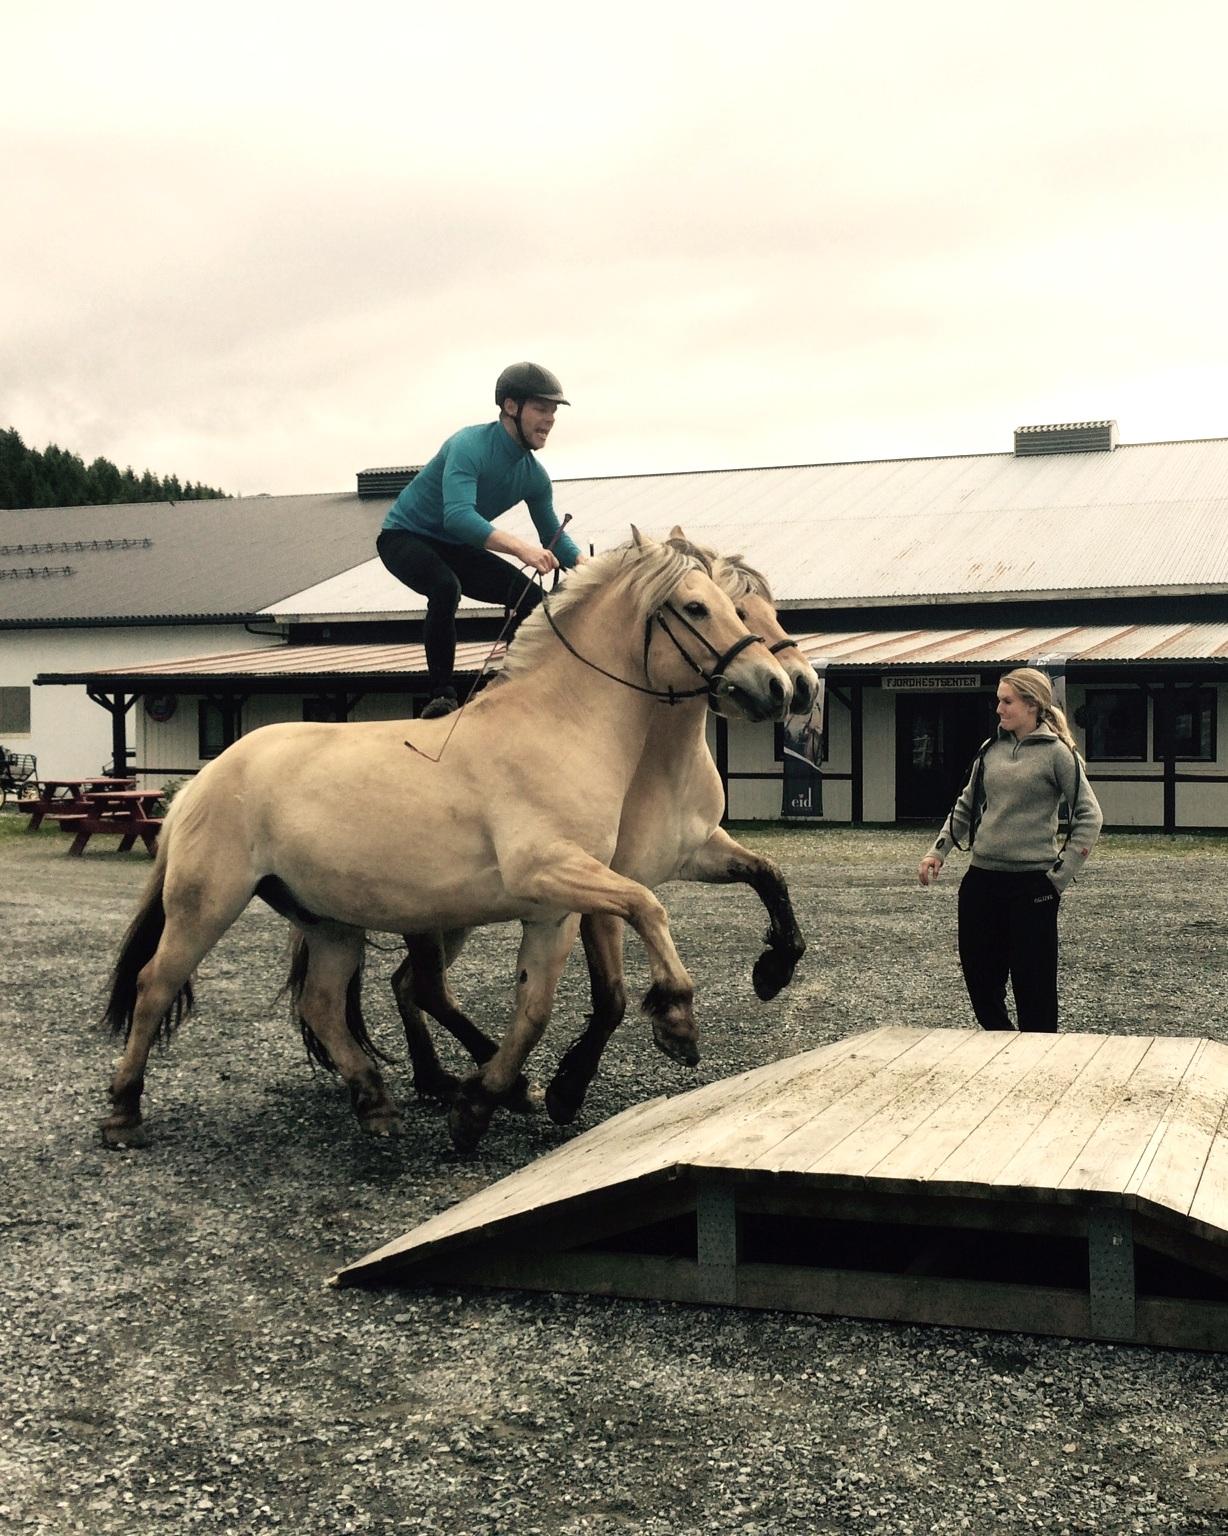 - Driftsleiar og lærar hest.Tilsett sidan 2017Utdanning/erfaring:Yrkessjåfør i 13 år, har dreve med hest sidan 1985. Kusk, rytter, allsidig hestemann.Hobbyar/interesser:Gå i fjellet, koselege heimekveldar saman med familien.